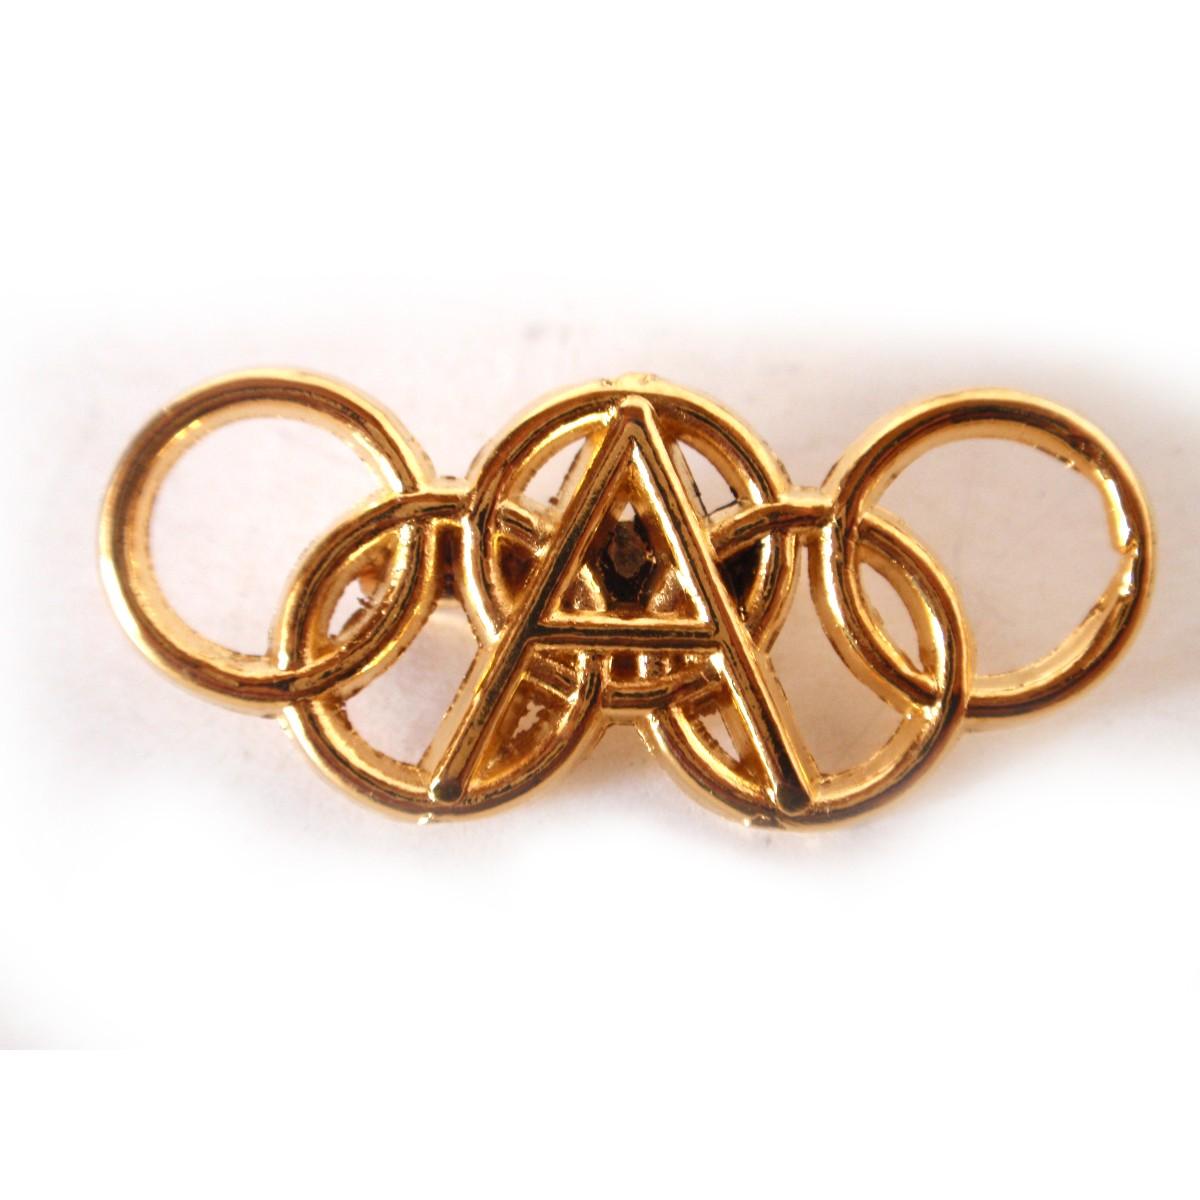 Καρφίτσα της Ολυμπιακής Ακαδημίας.